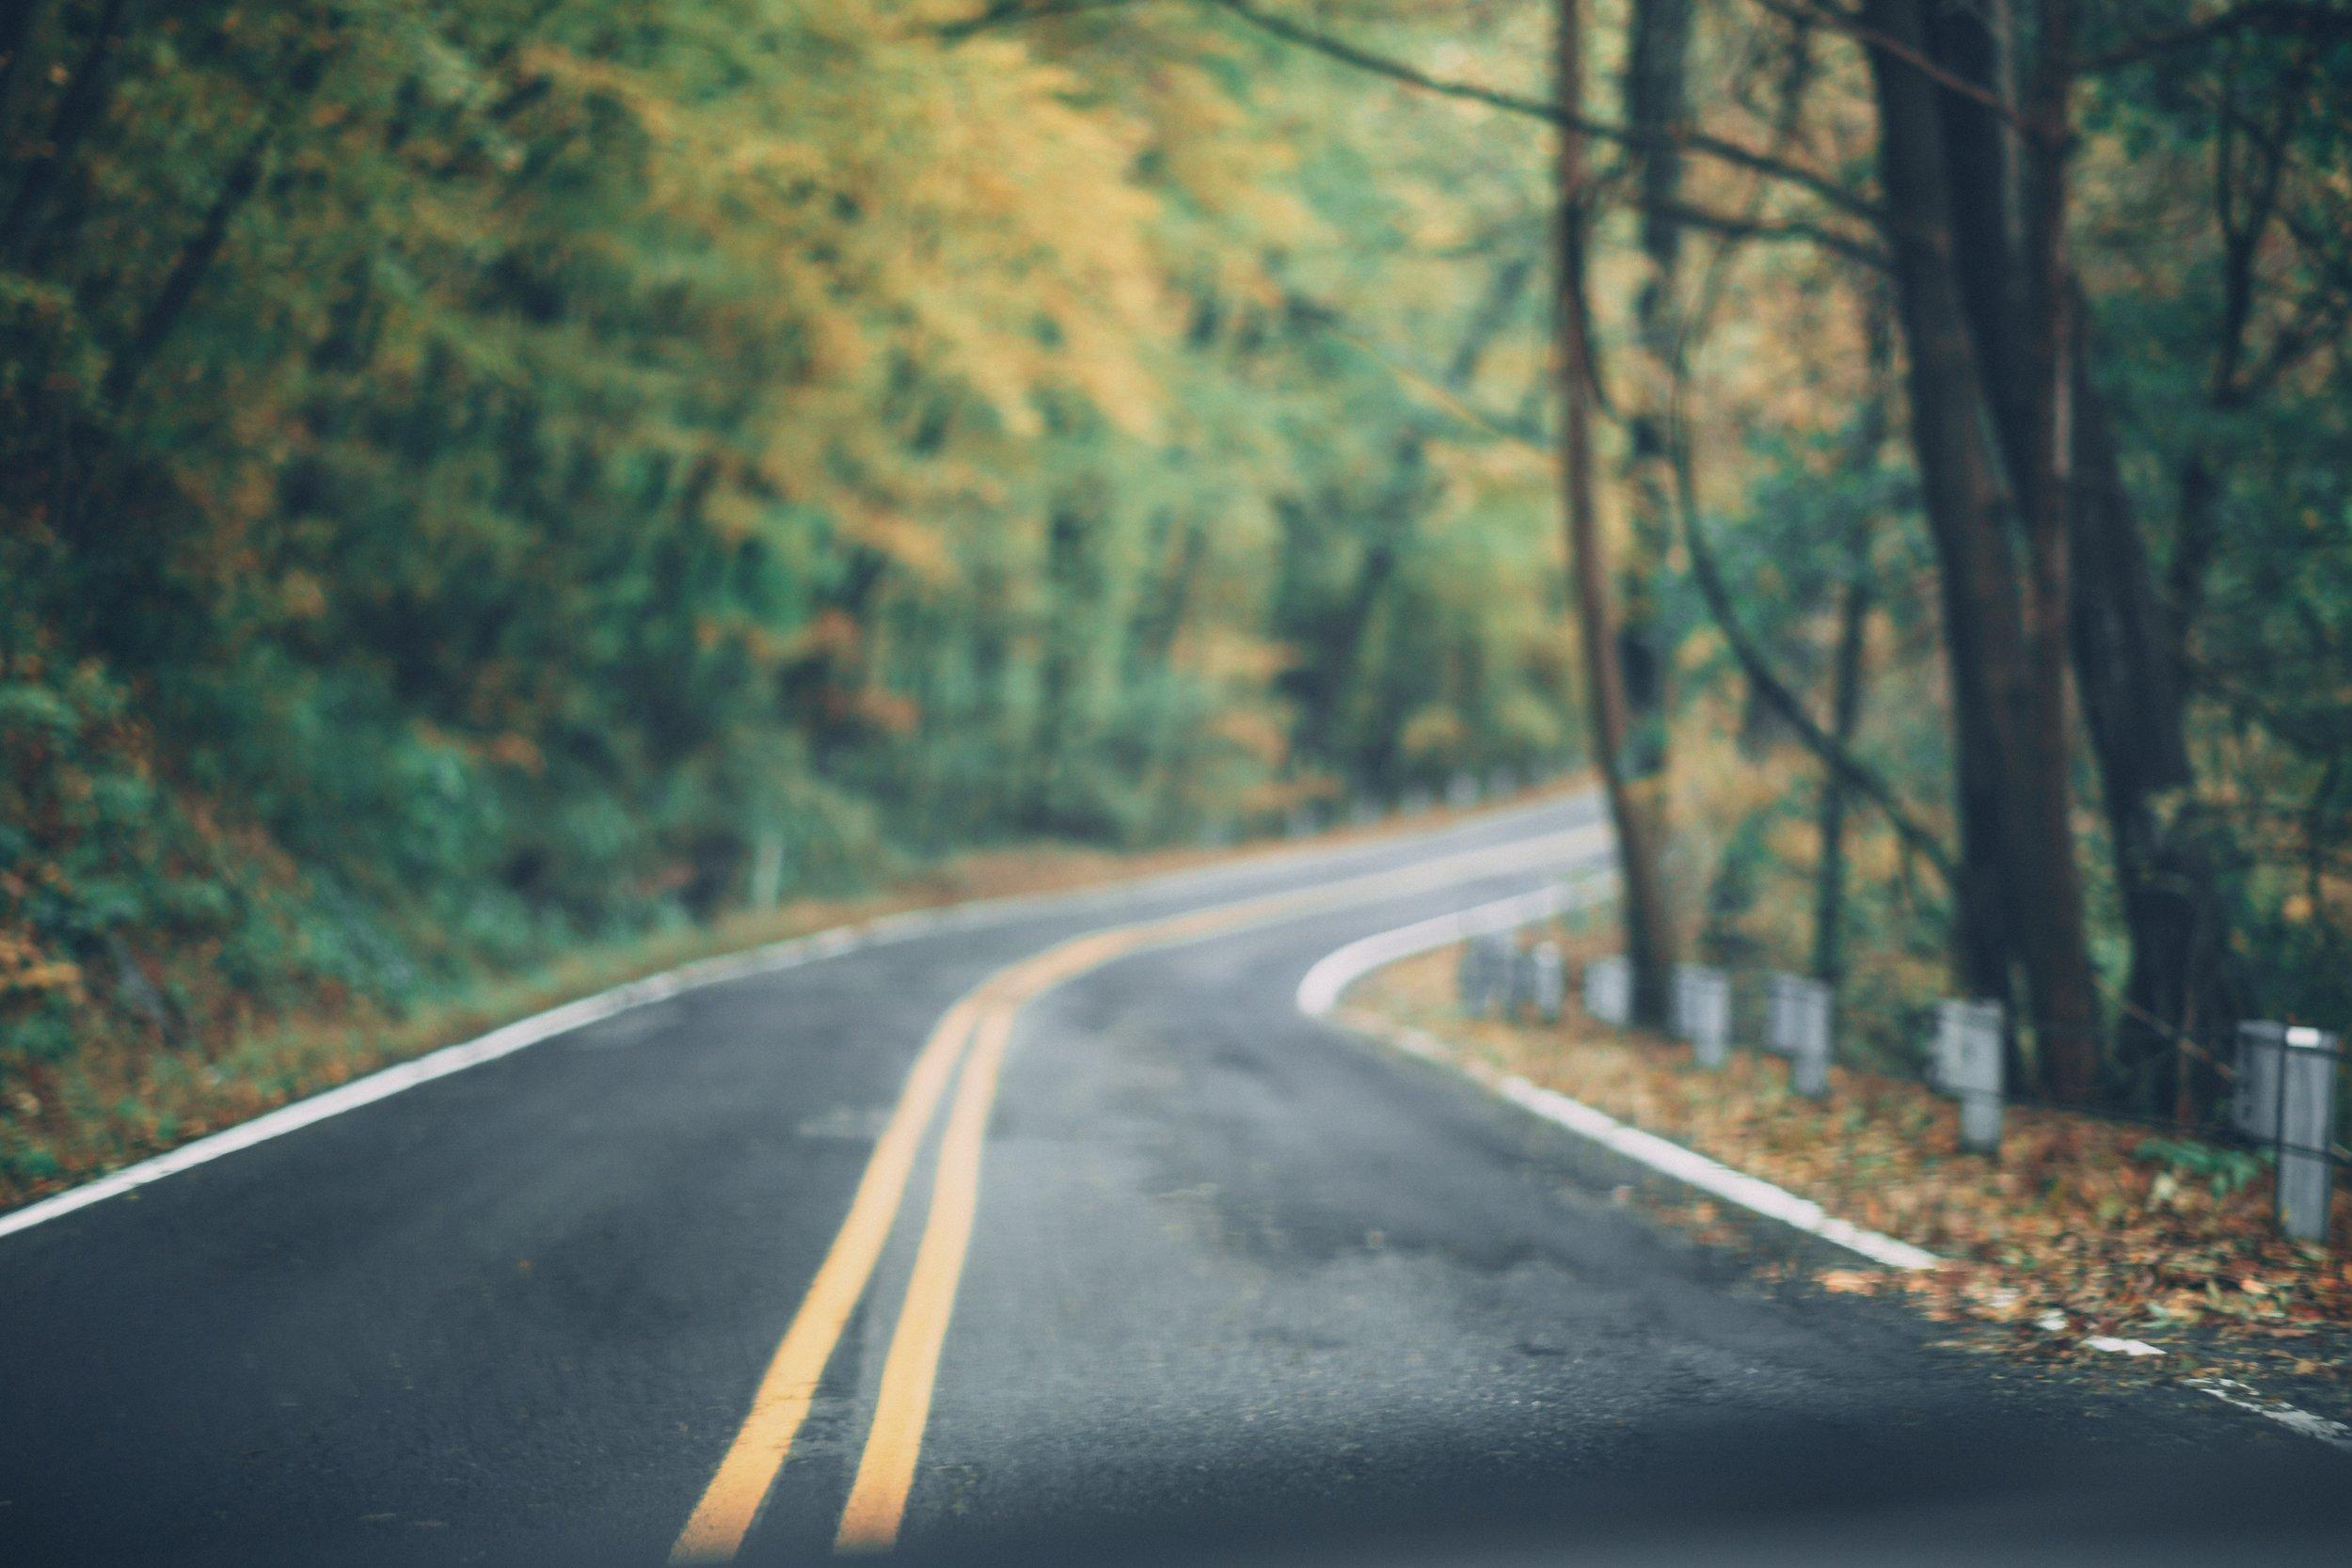 asphalt-back-road-blurred-background-1546901.jpg